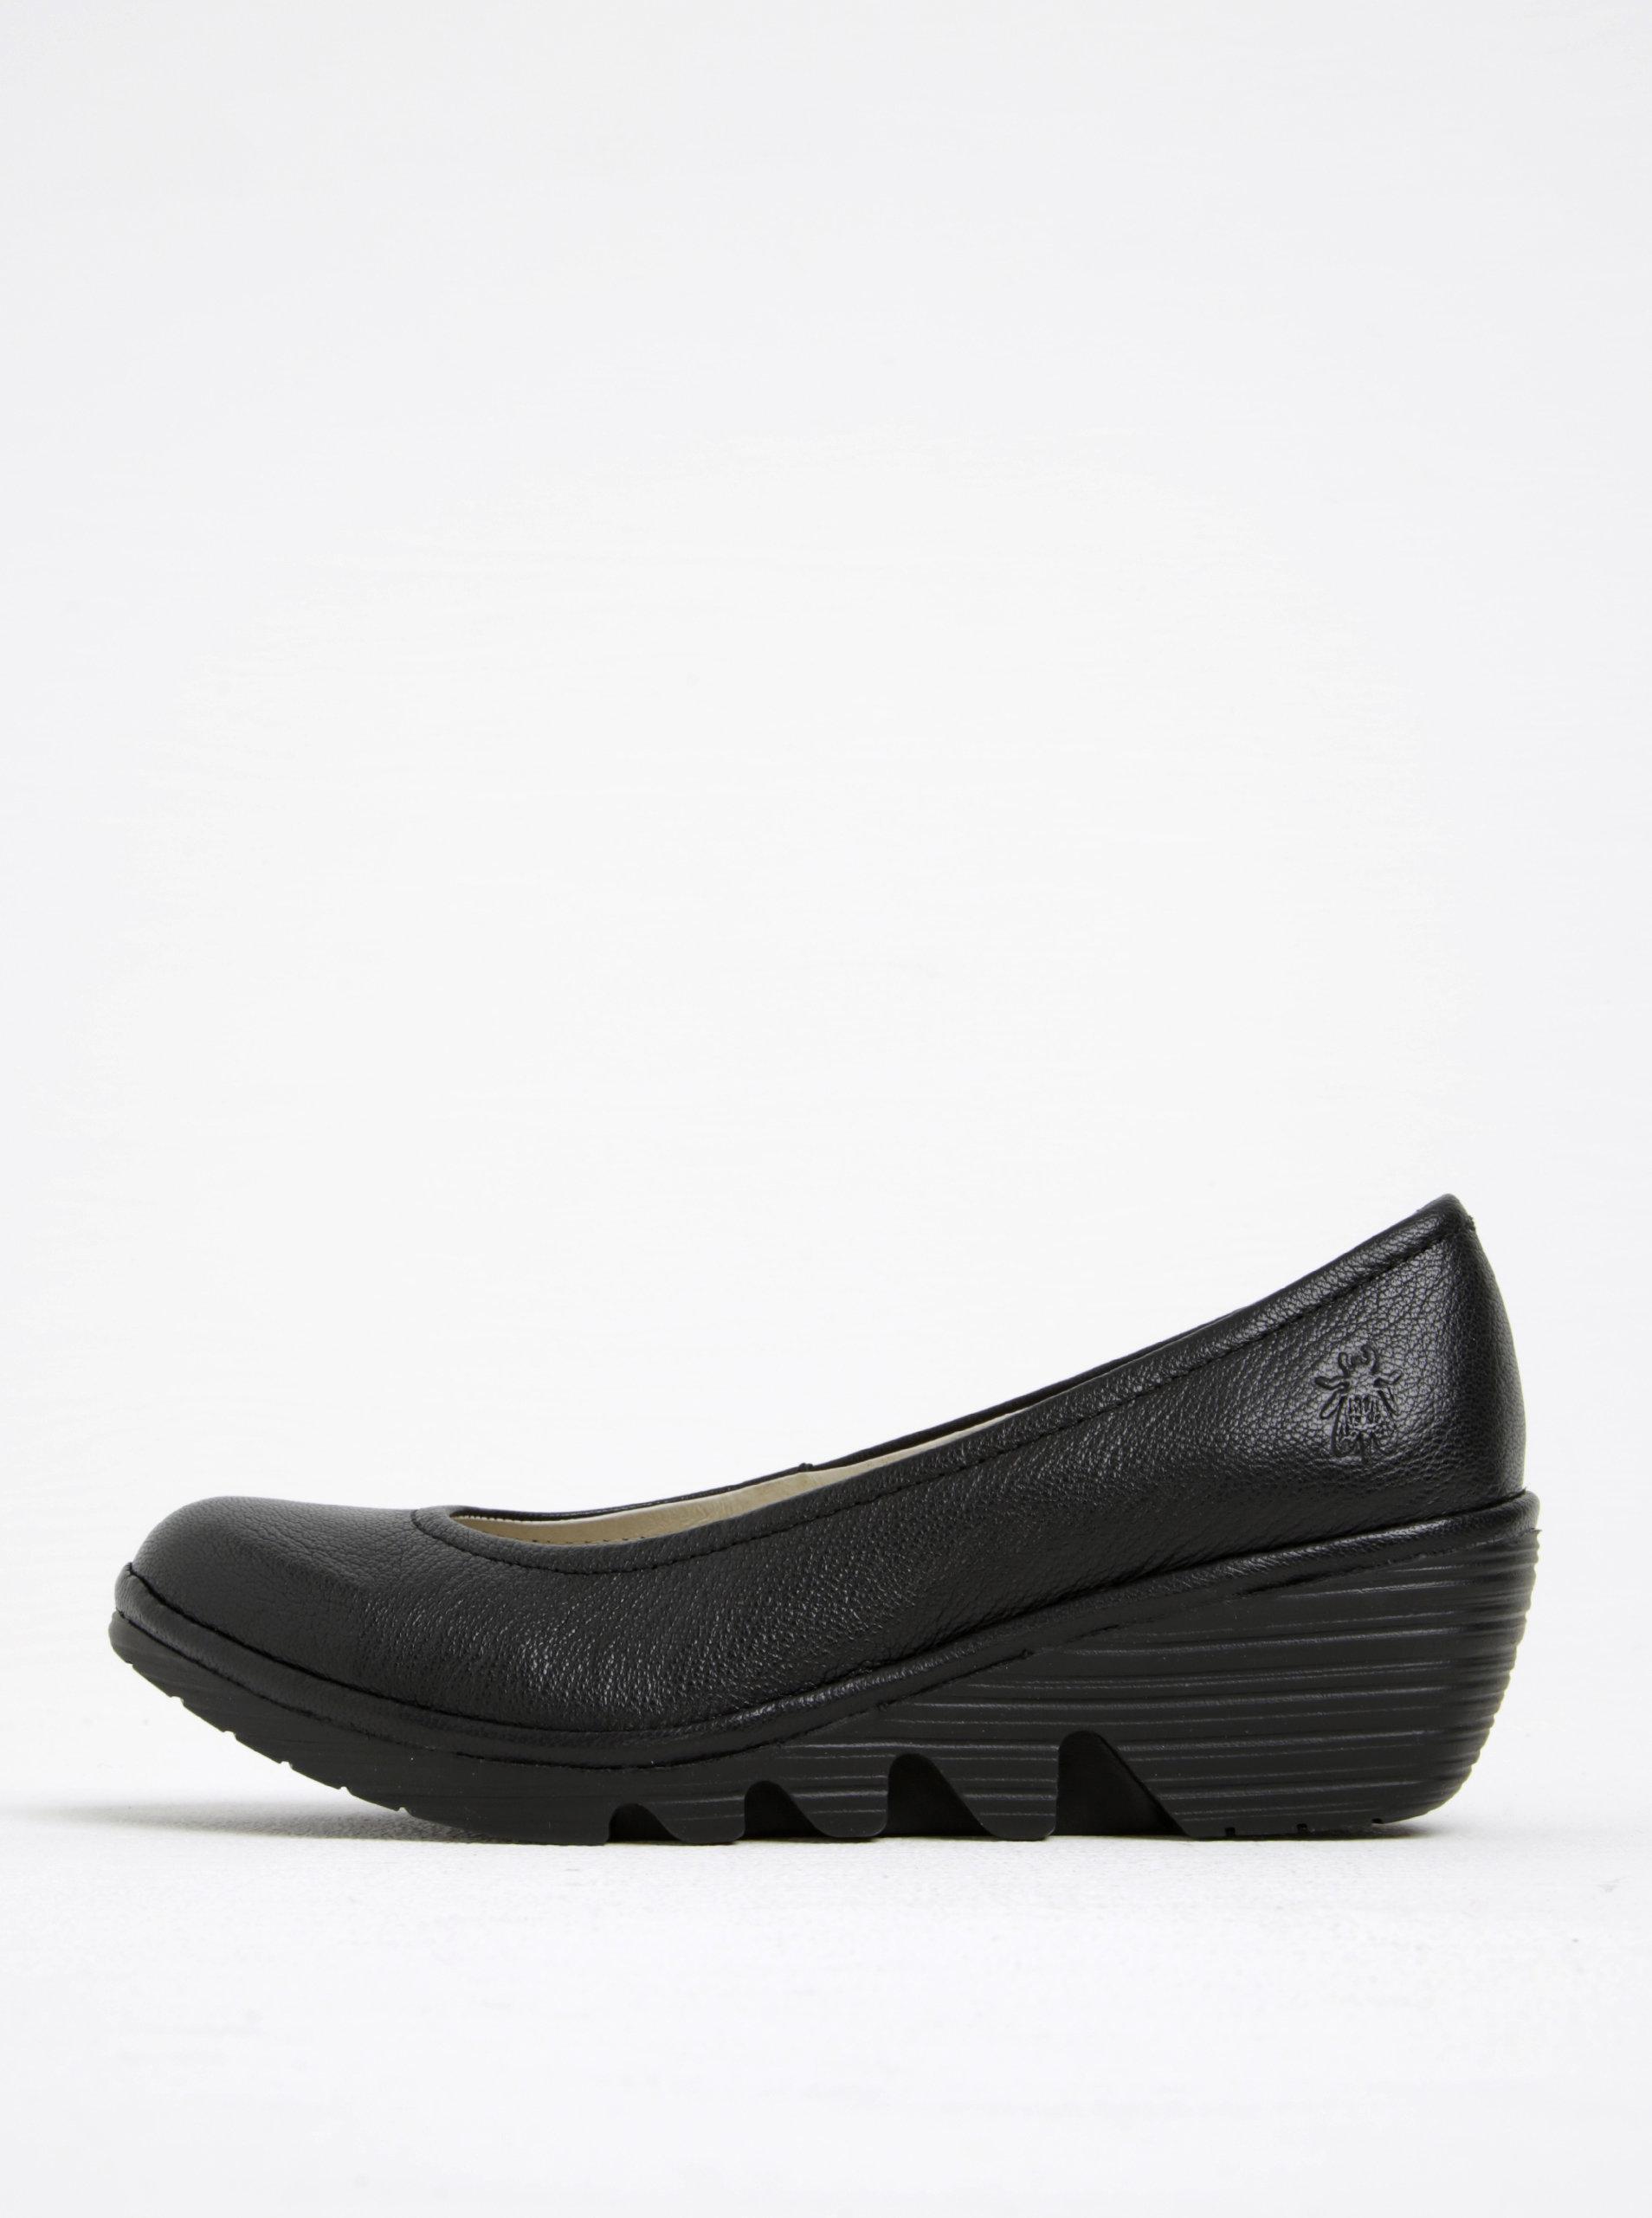 a431f1a1ac0d Čierne dámske kožené baleríny na klinovom podpätku FLY London ...